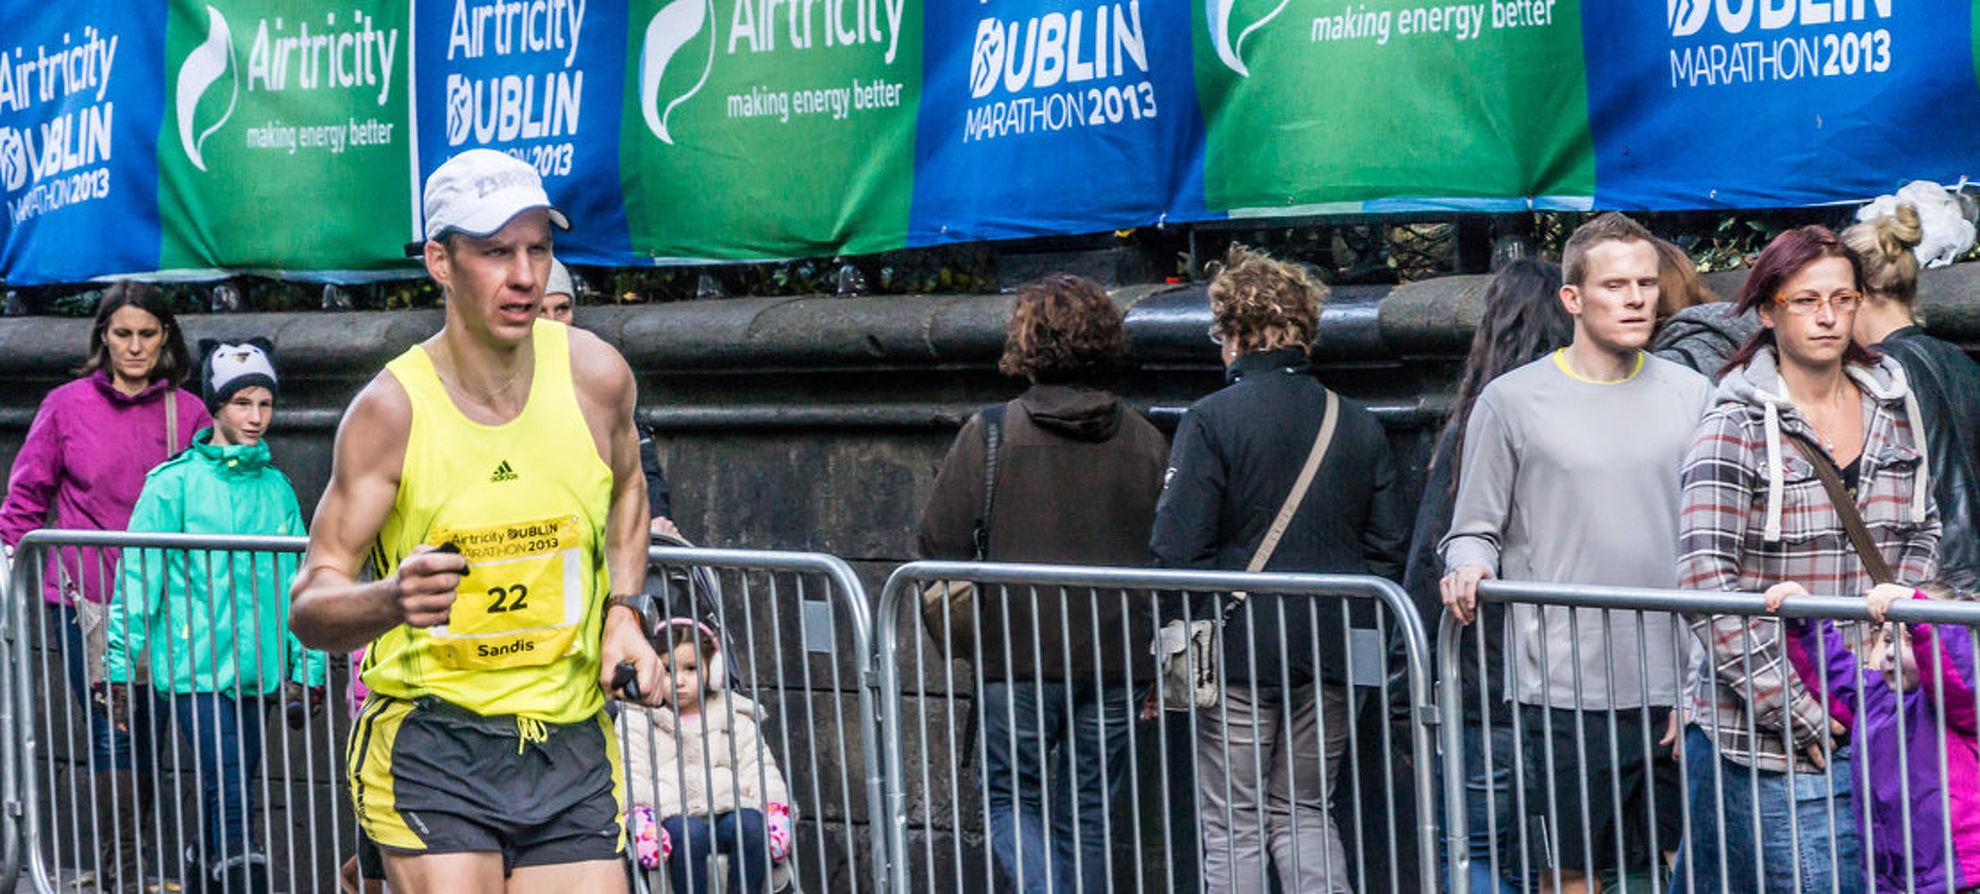 Explore Dublin Marathon